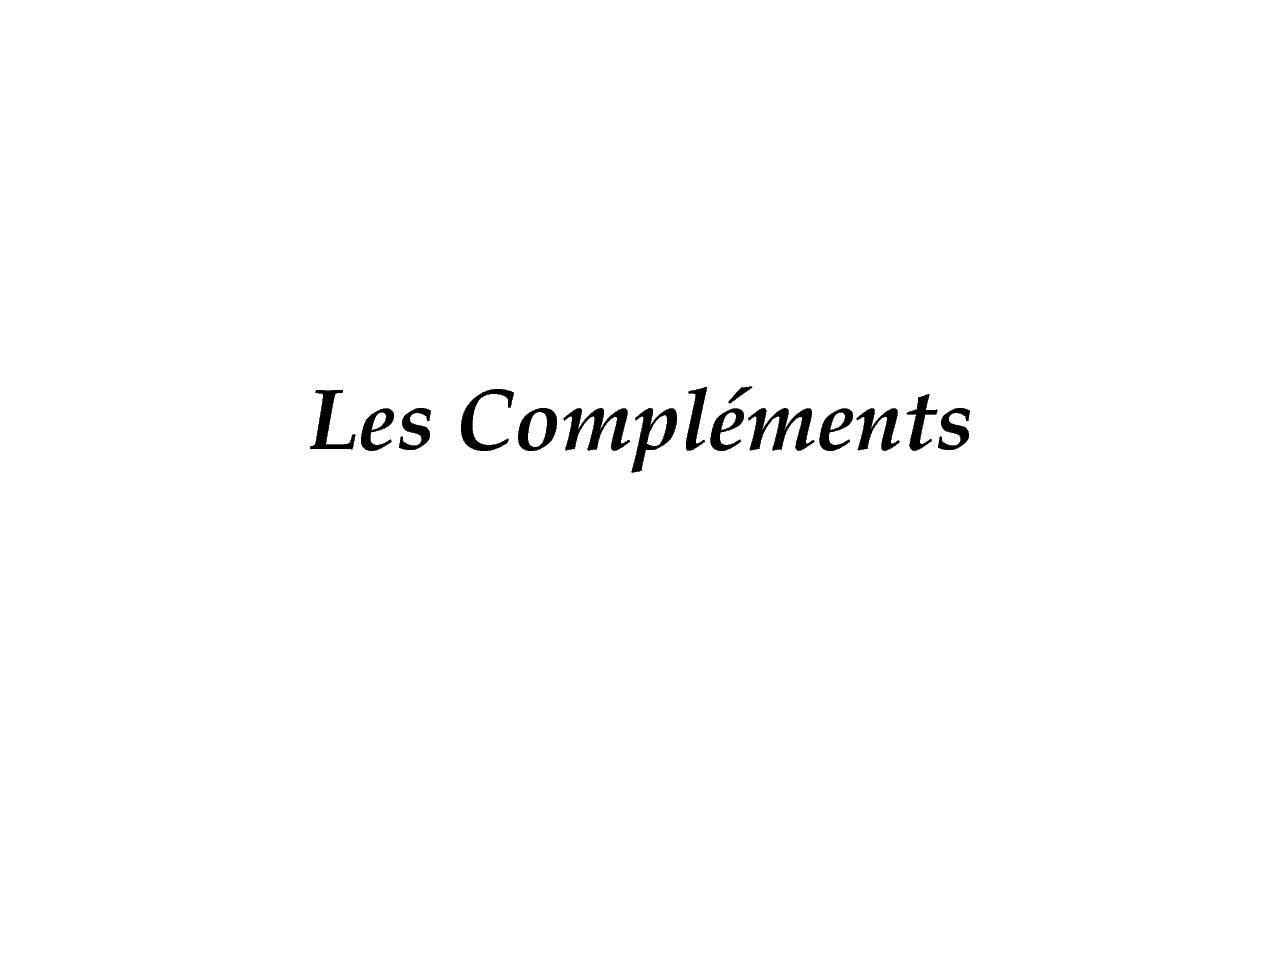 Cours les Complements pdf